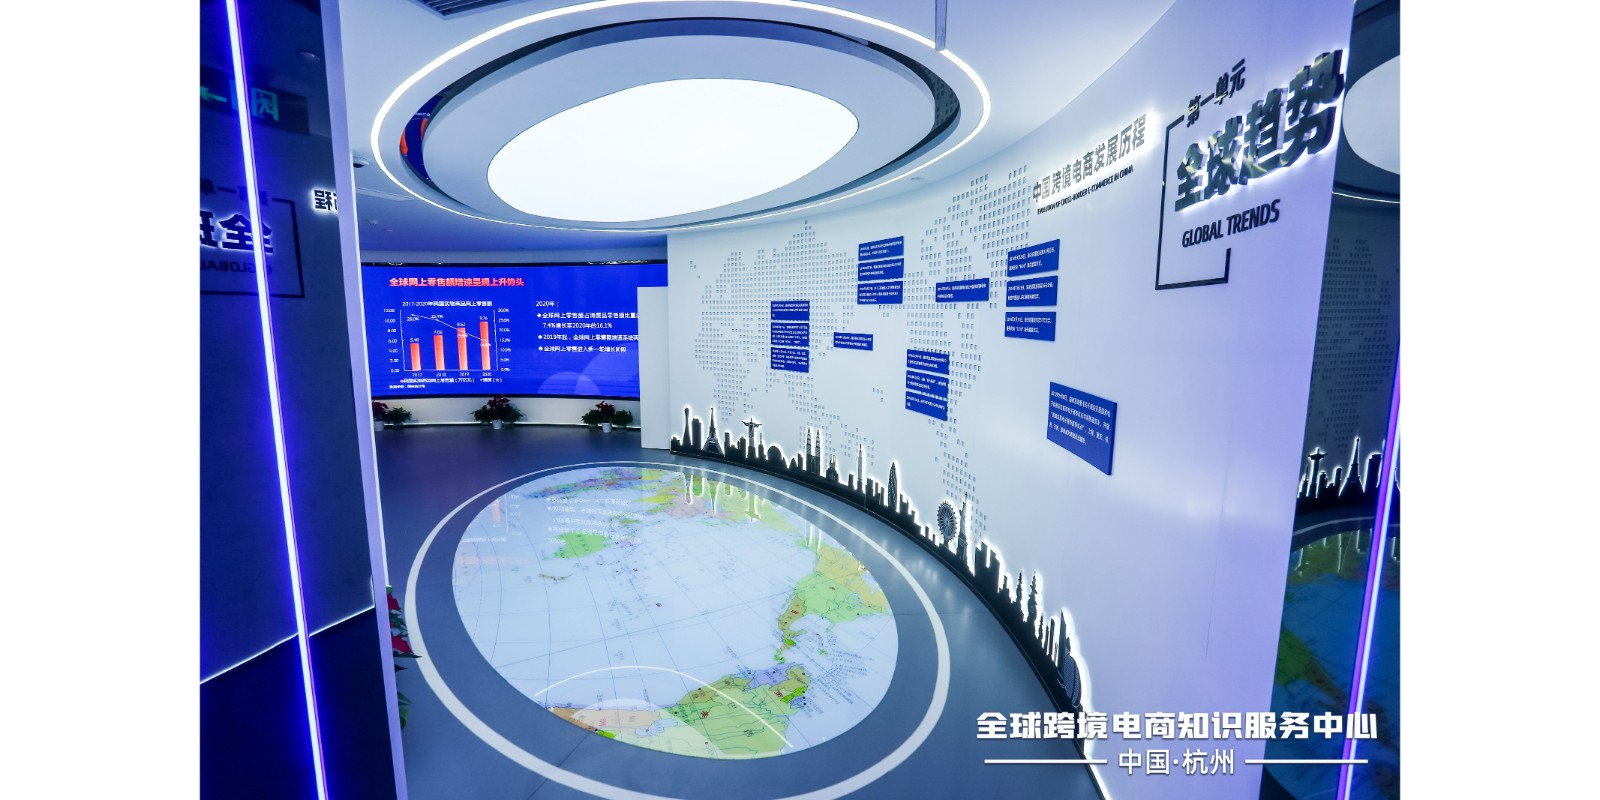 亿邦智库:2035年跨境电商将在外贸中占比约50%